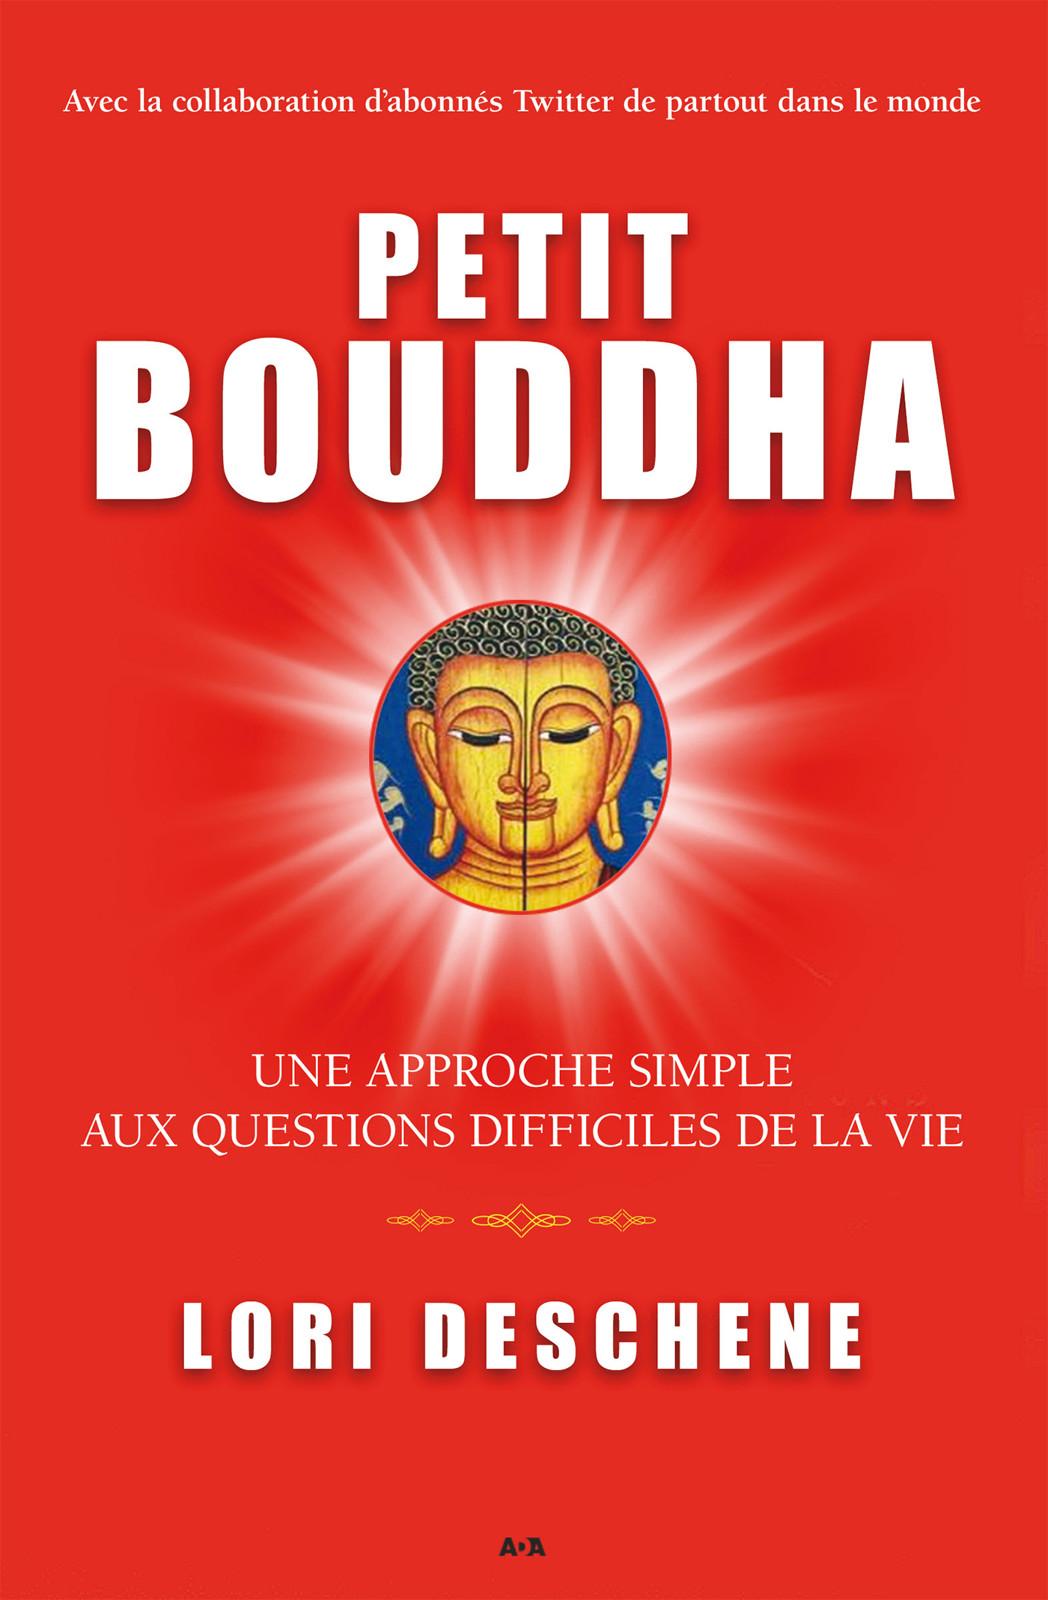 Petit Bouddha, Une approche simple aux questions difficiles de la vie